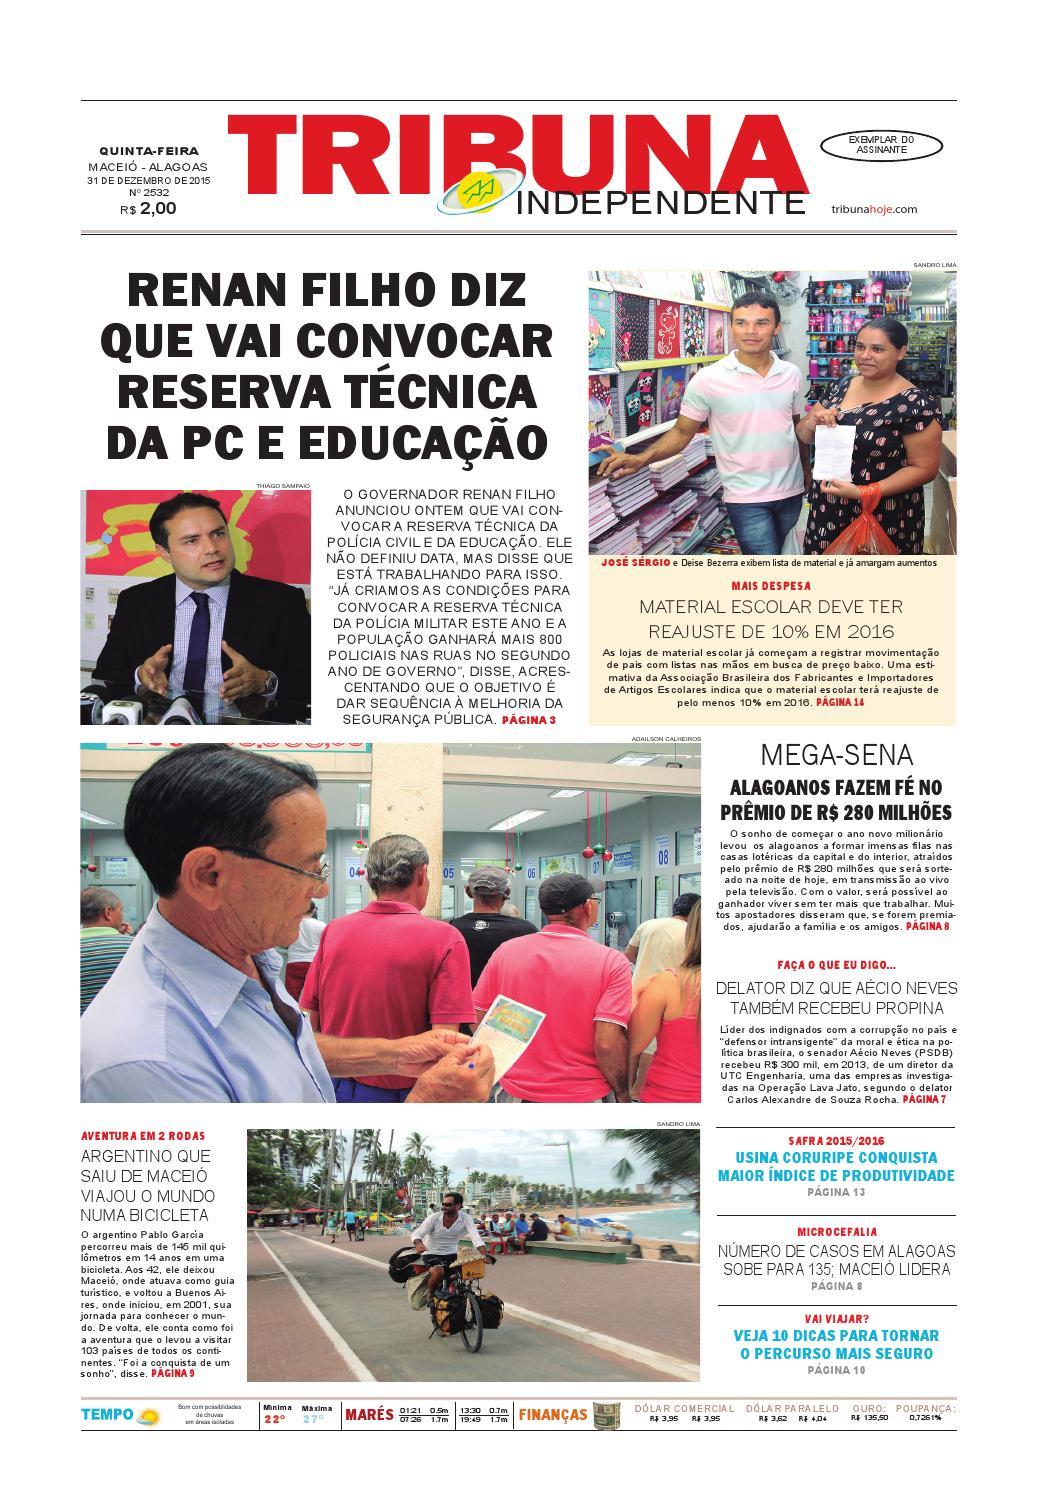 59ba3caeaf0 Edição número 2532 - 31 de dezembro de 2015 by Tribuna Hoje - issuu